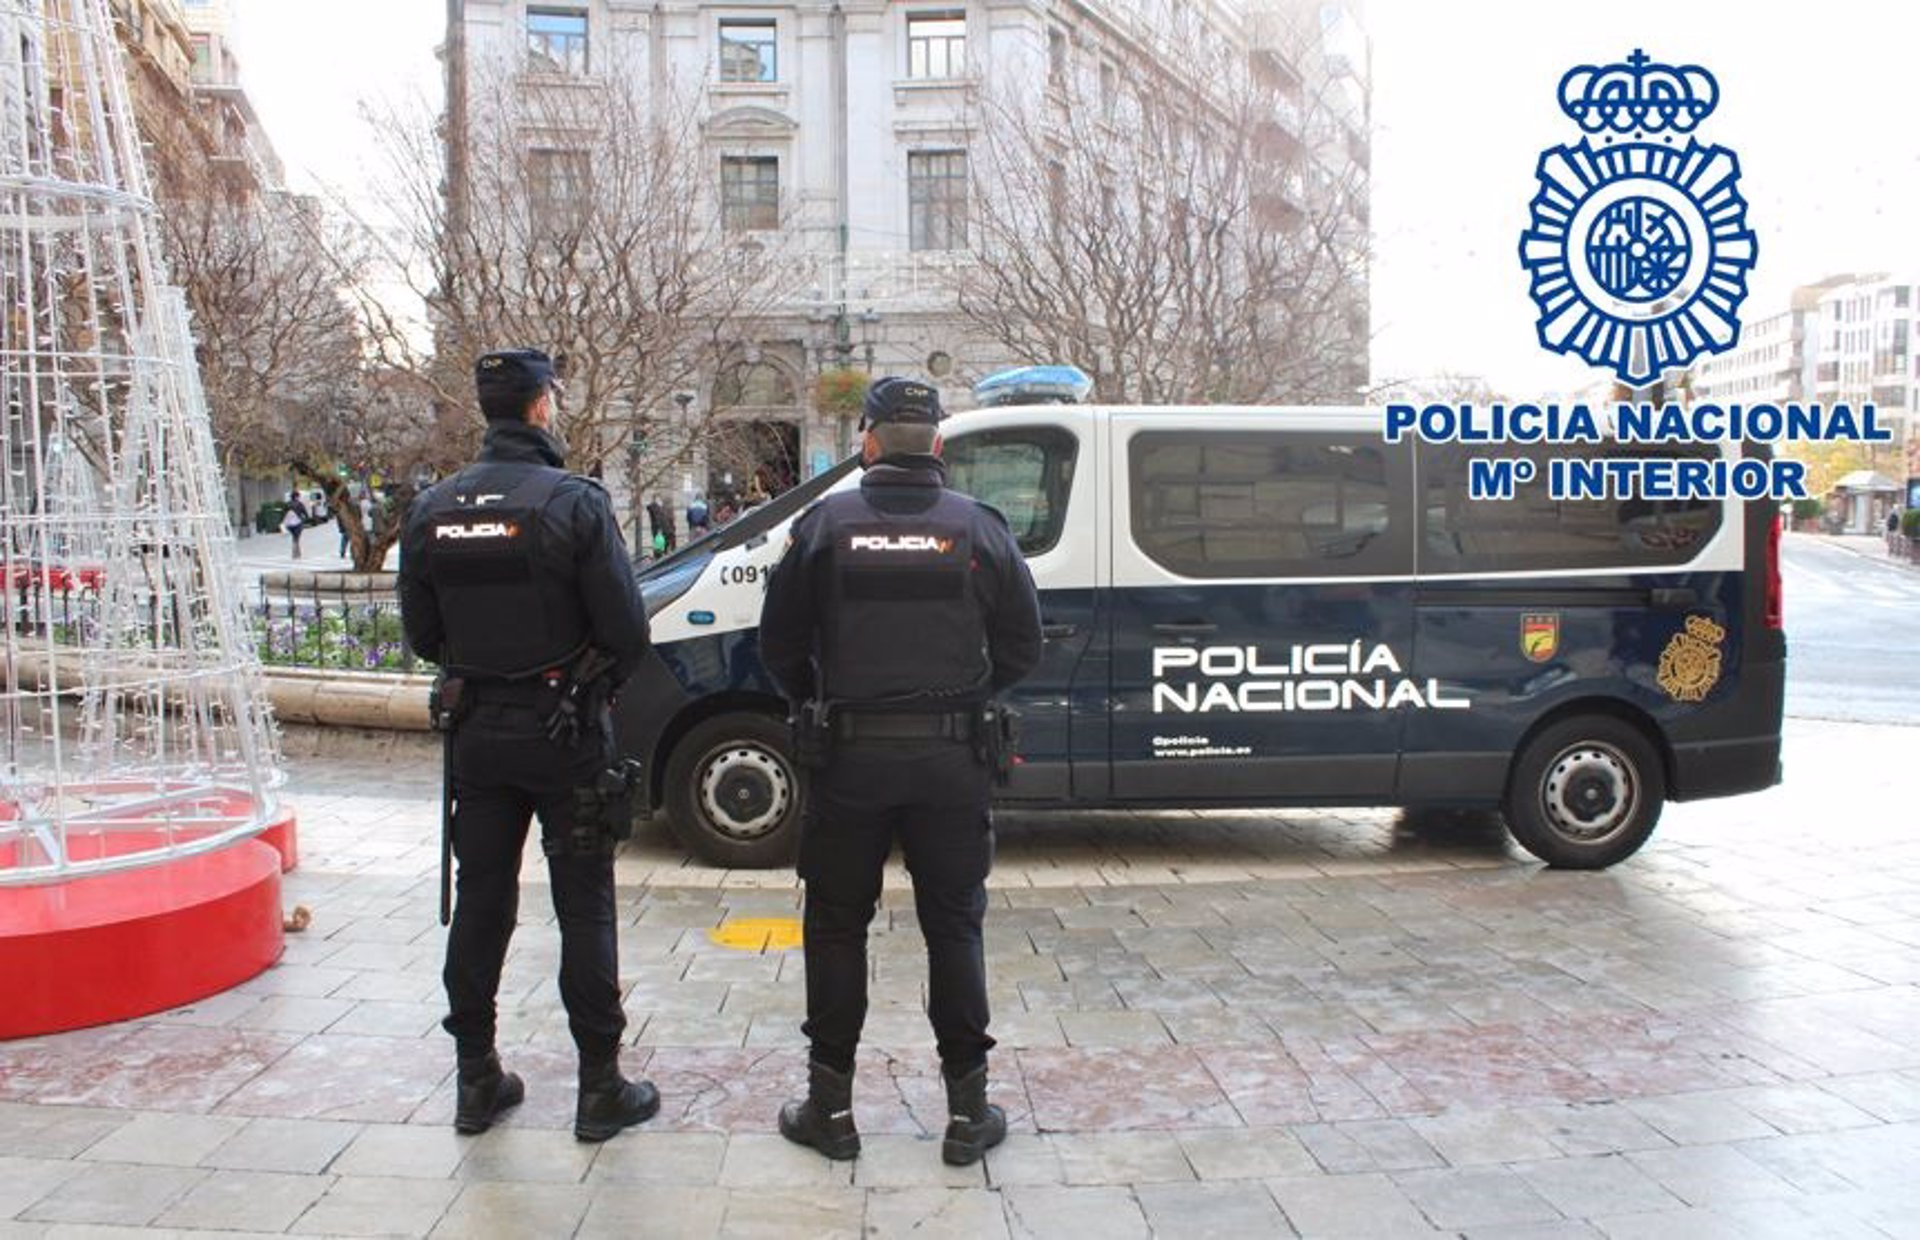 Tres detenidos en una operación nacional contra el terrorismo yihadista